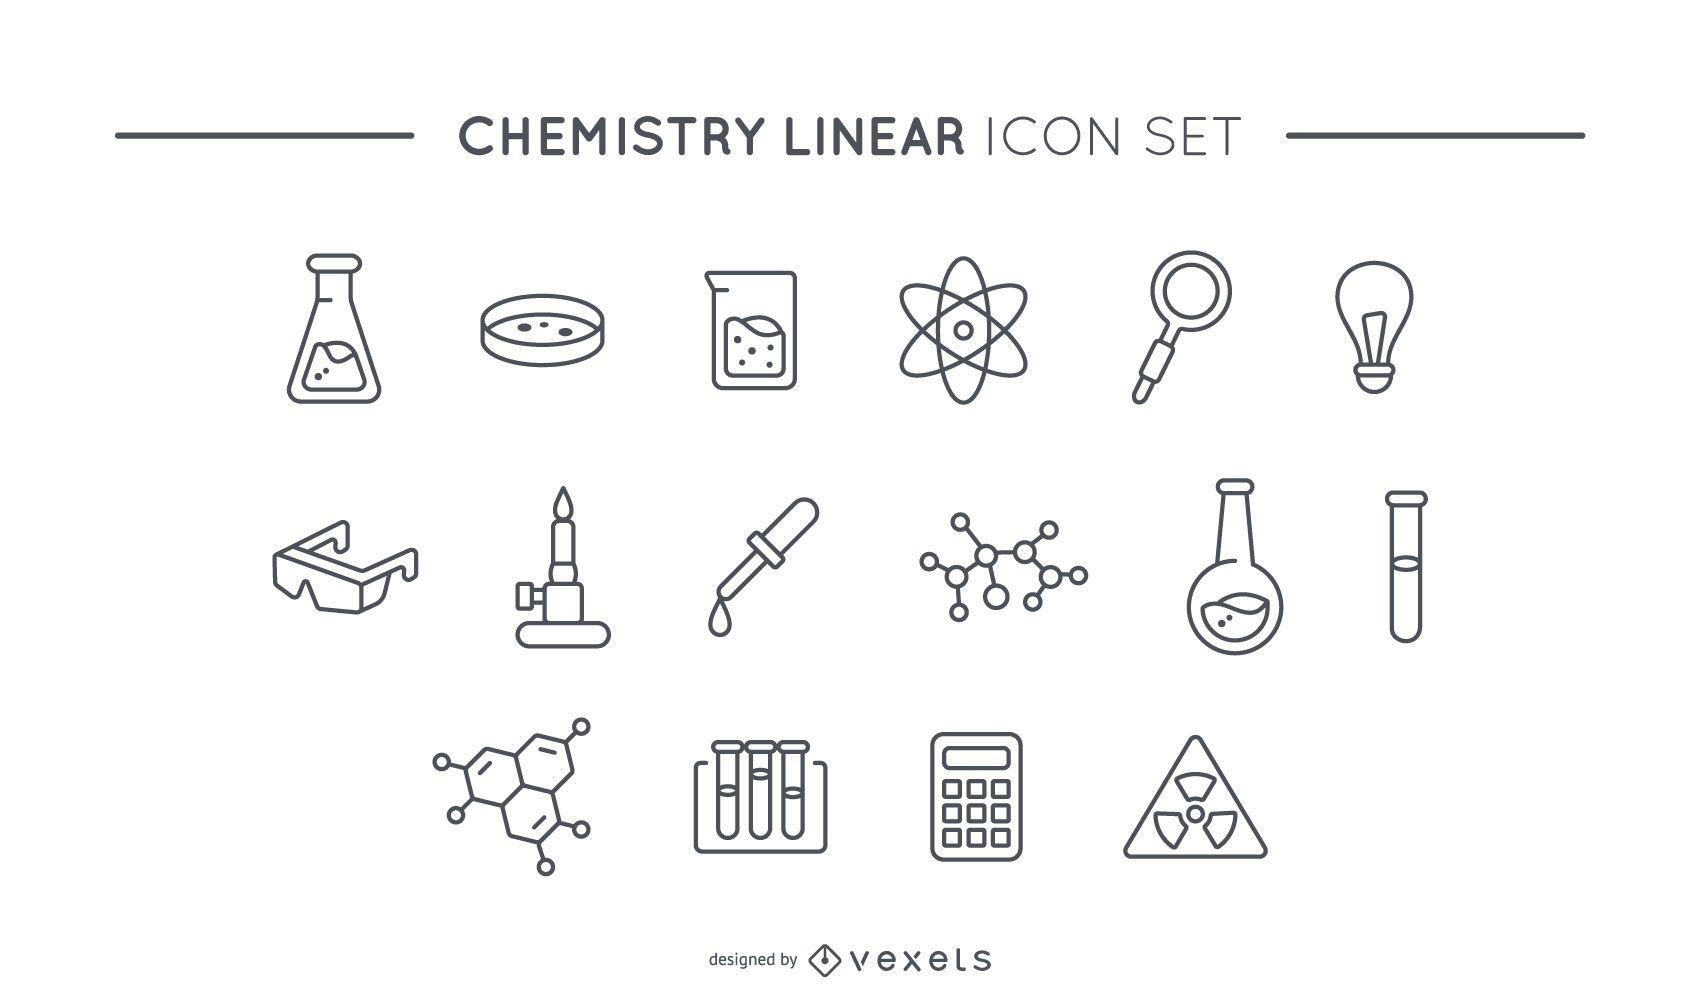 Chemie lineares Icon-Set